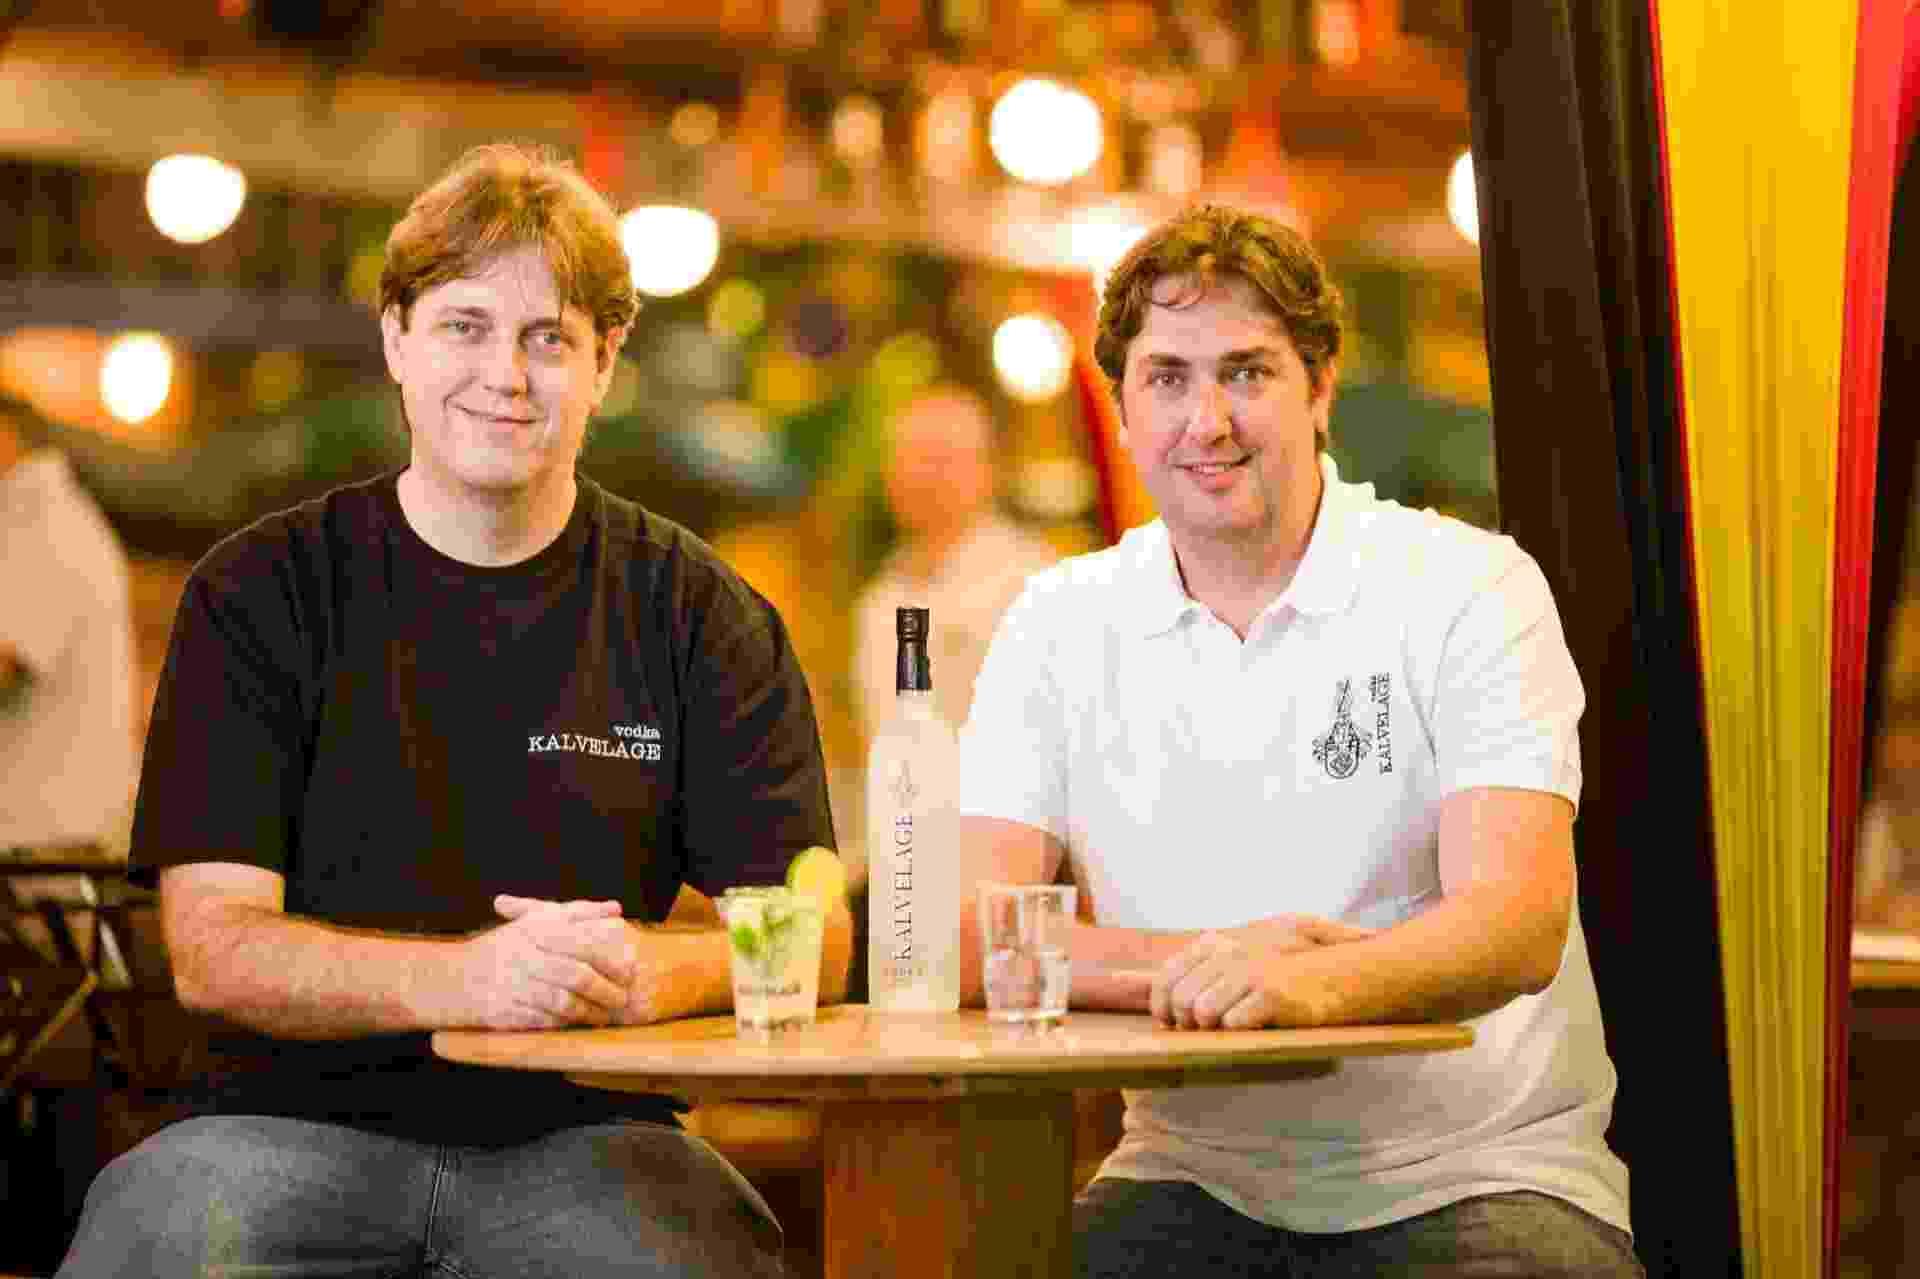 Os irmãos Marcos Kalvelage e Maurício Kalvelage investiram numa destilaria em SC e lançaram uma vodca premium batizada com seu sobrenome - Daniel Zimmermann/Divulgação